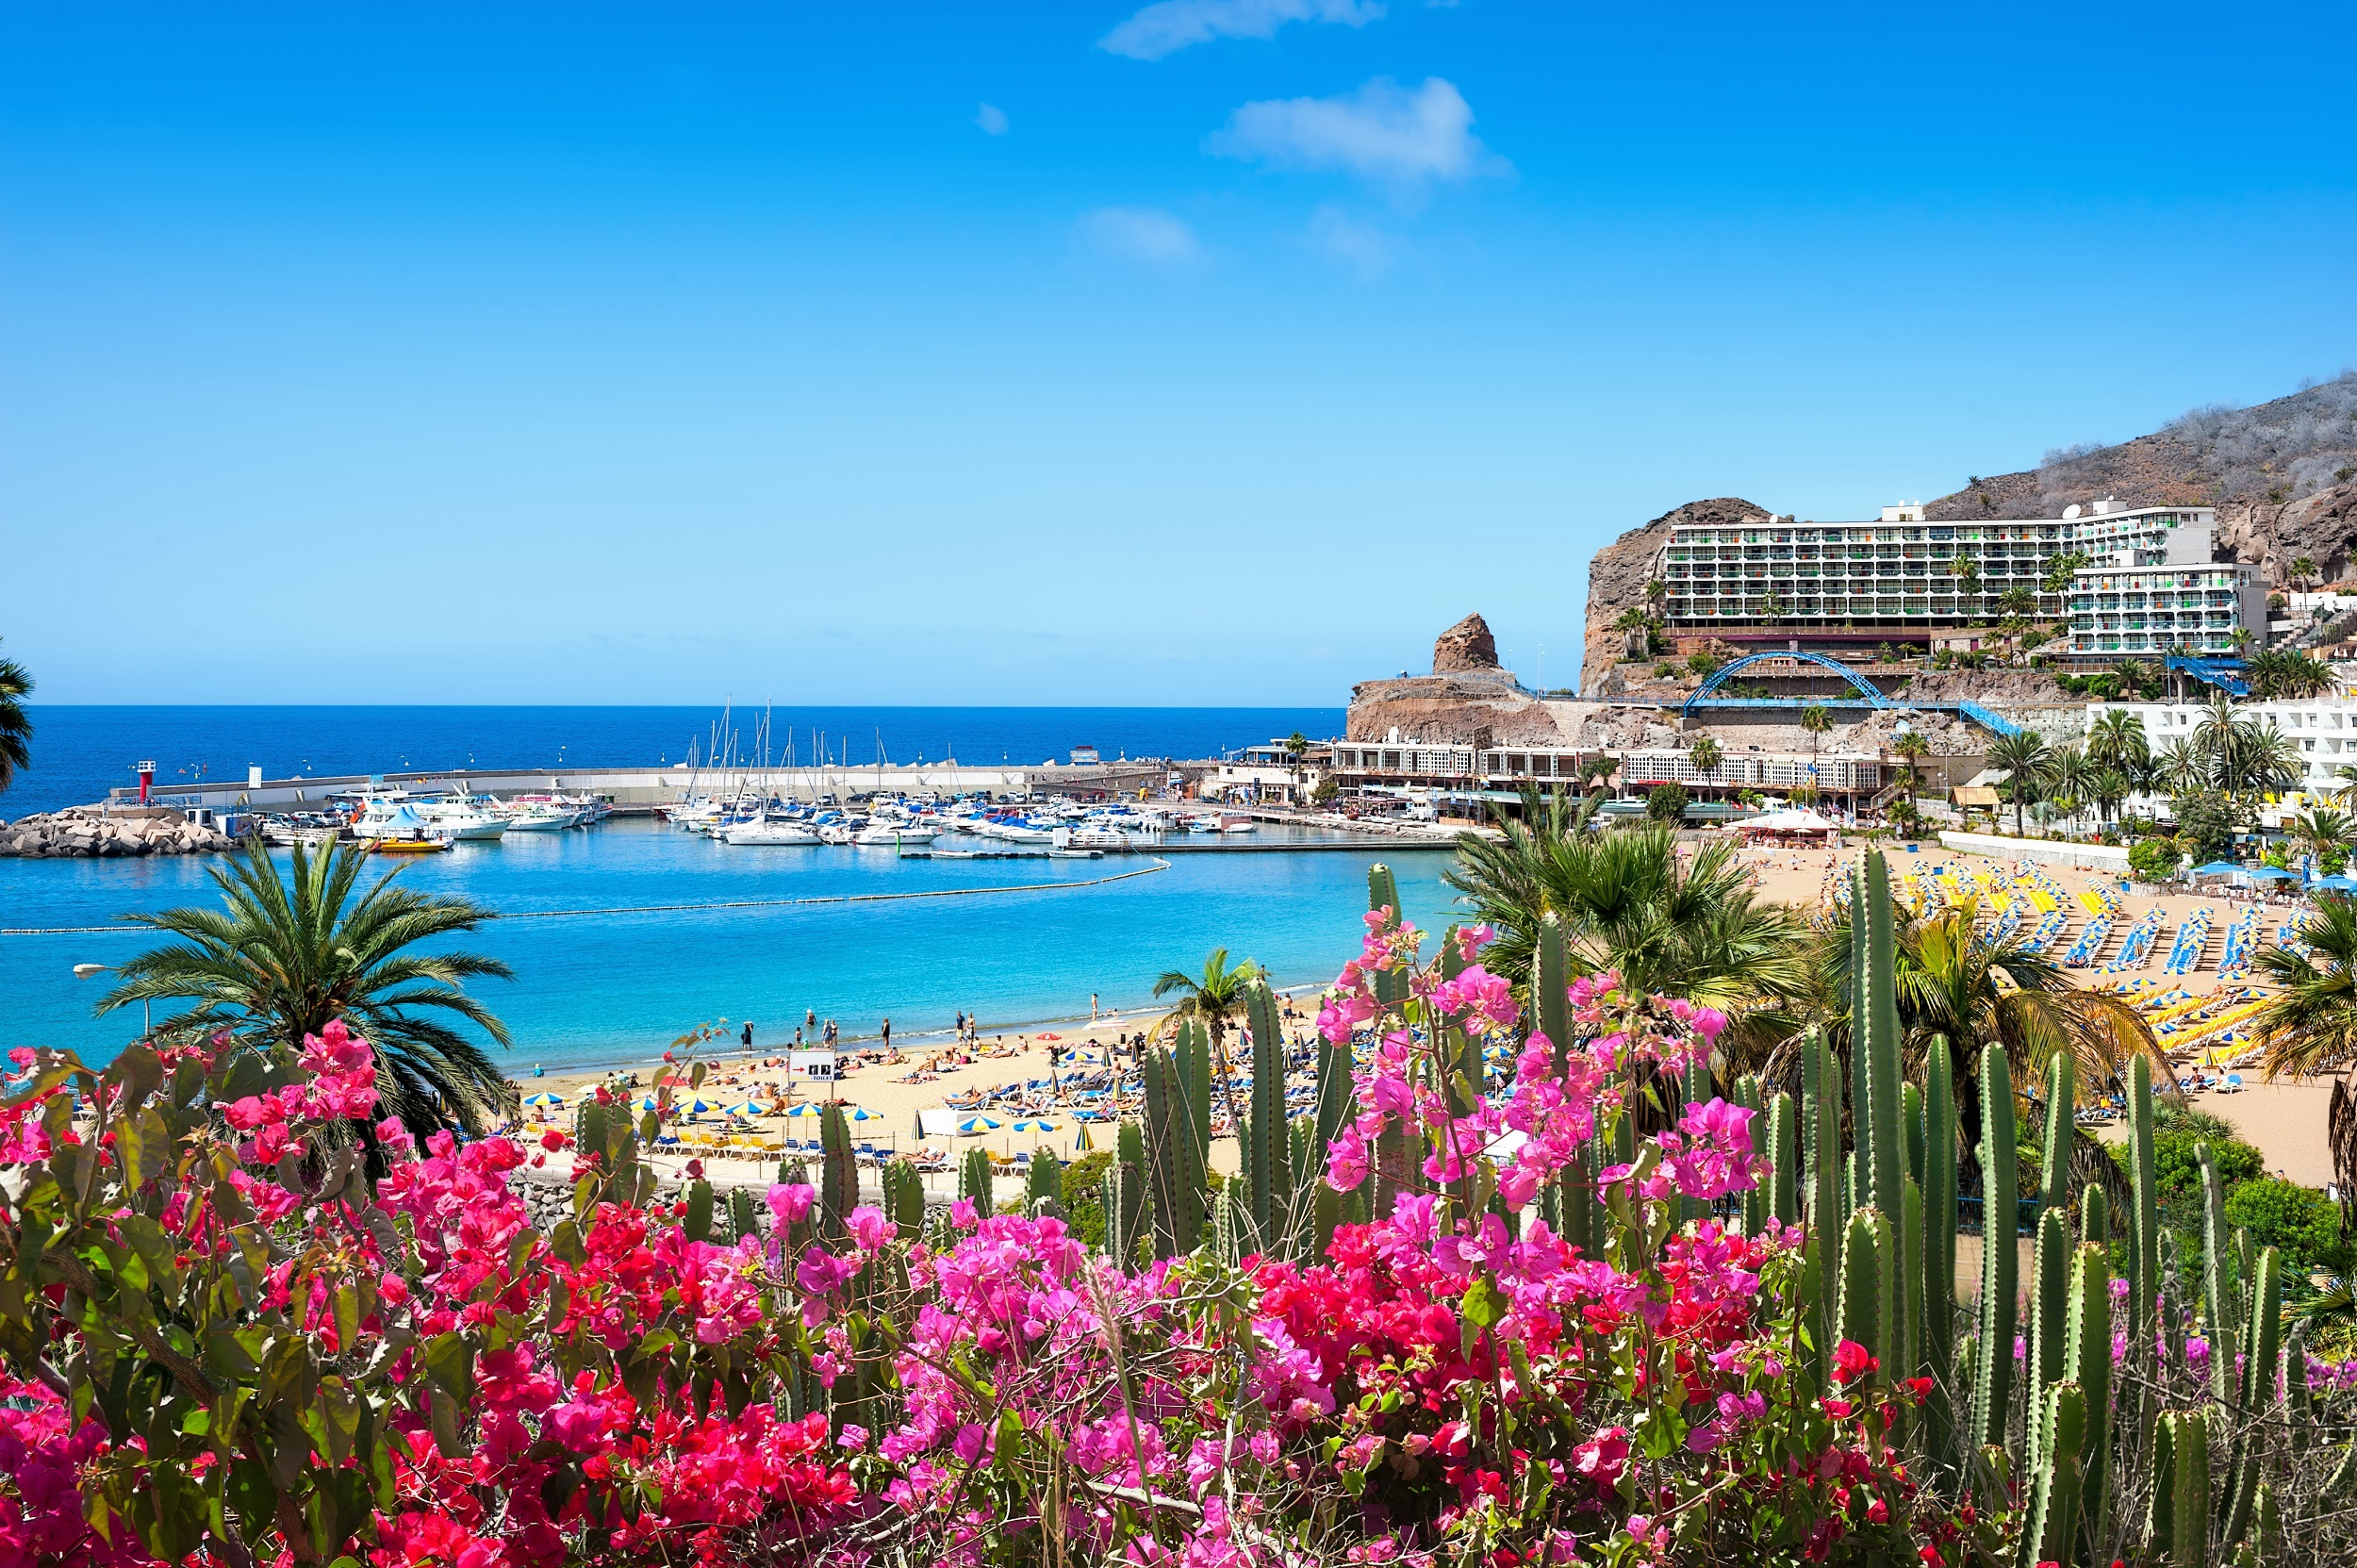 Al 45.000 aanmeldingen voor de proefreis naar Gran Canaria